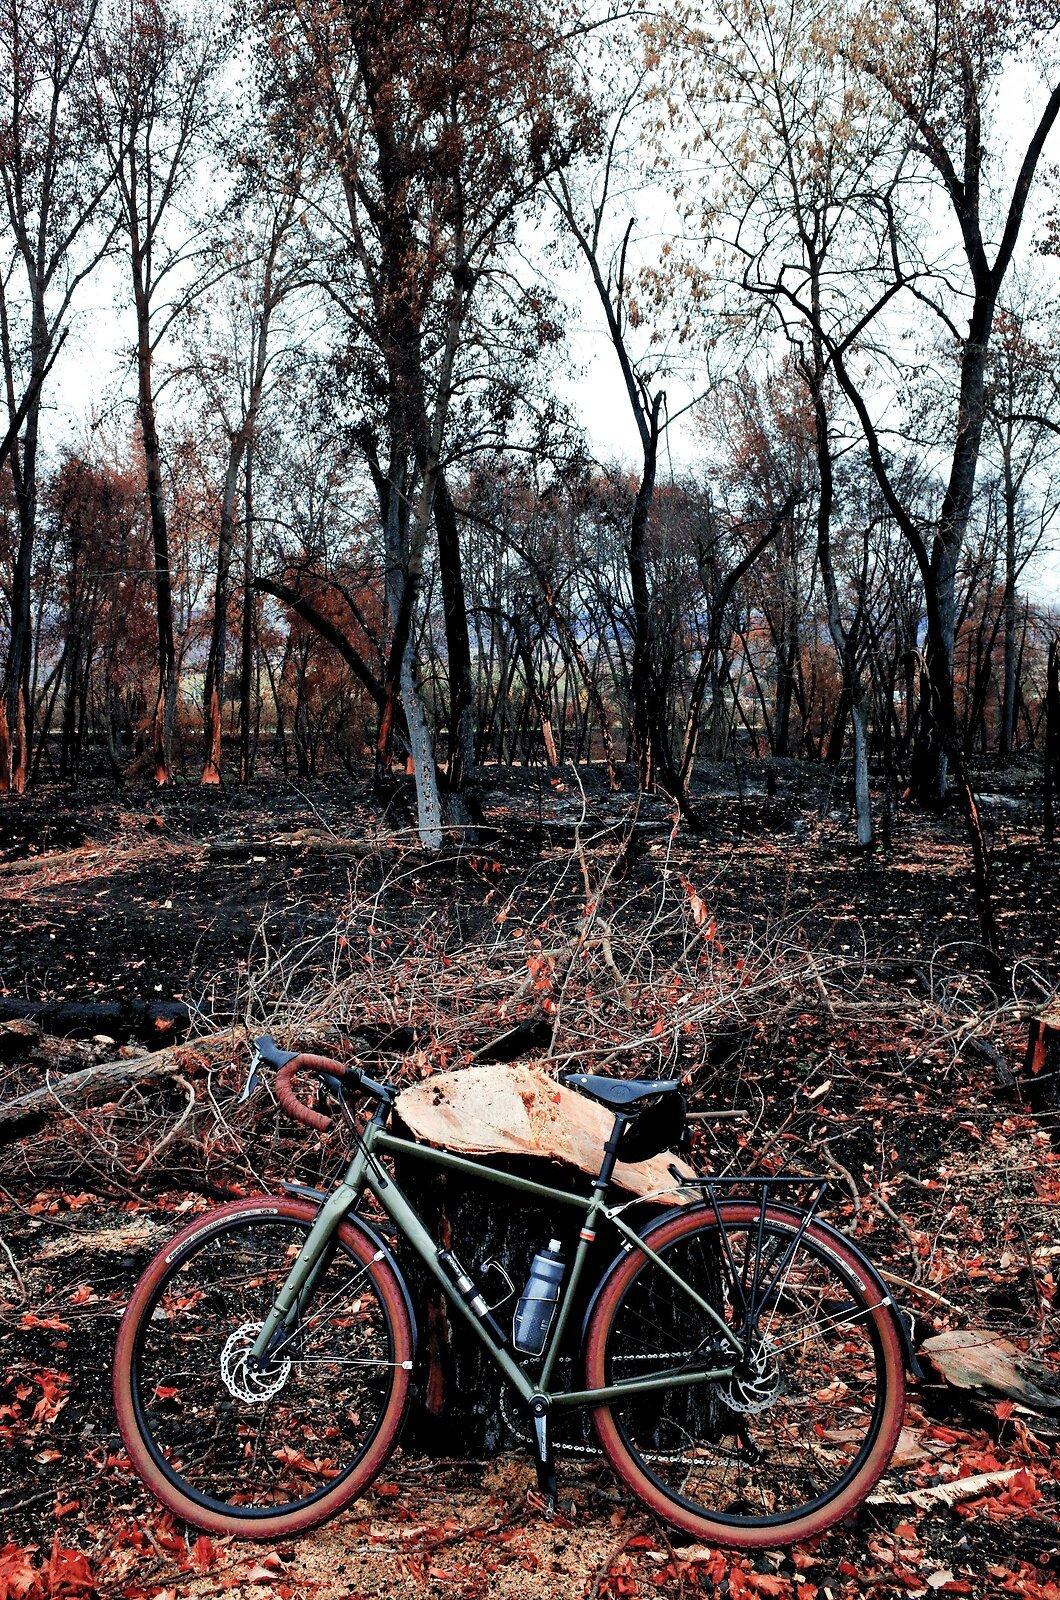 GRII_Nov7_Burned_Bike_Path#1.jpg